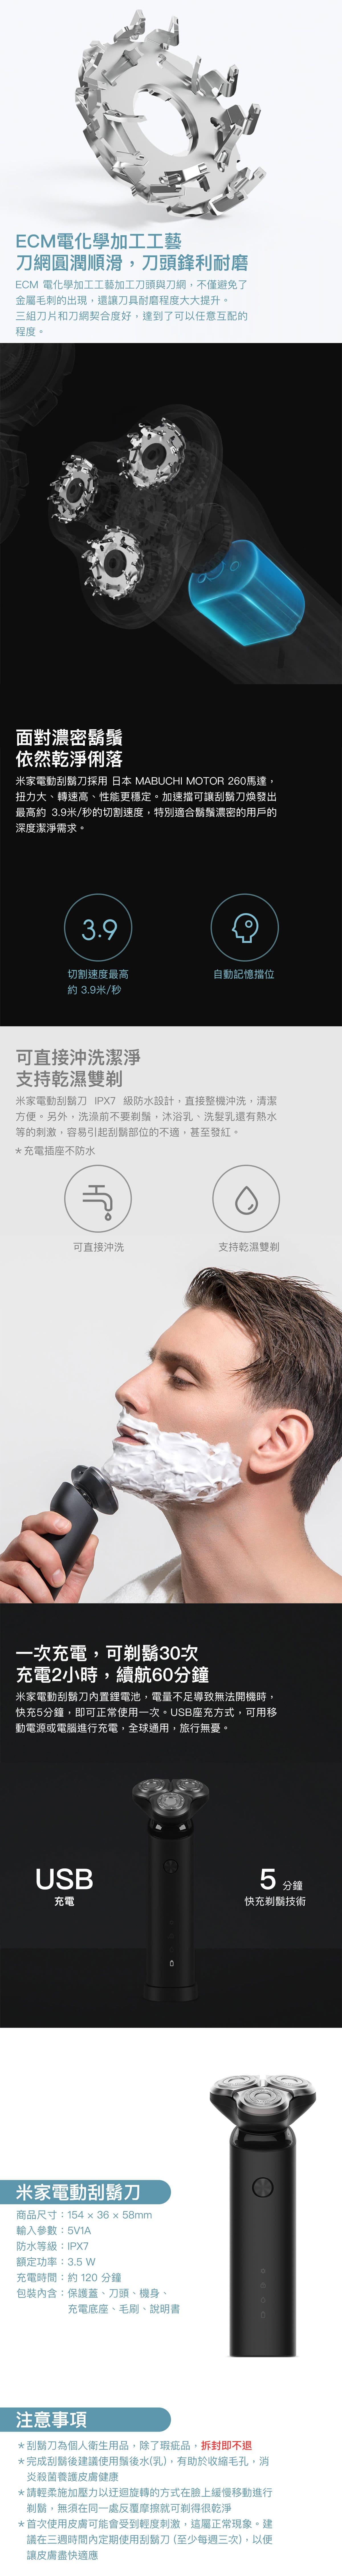 快充剃鬍技術,只要充電5分鐘即可剃一次